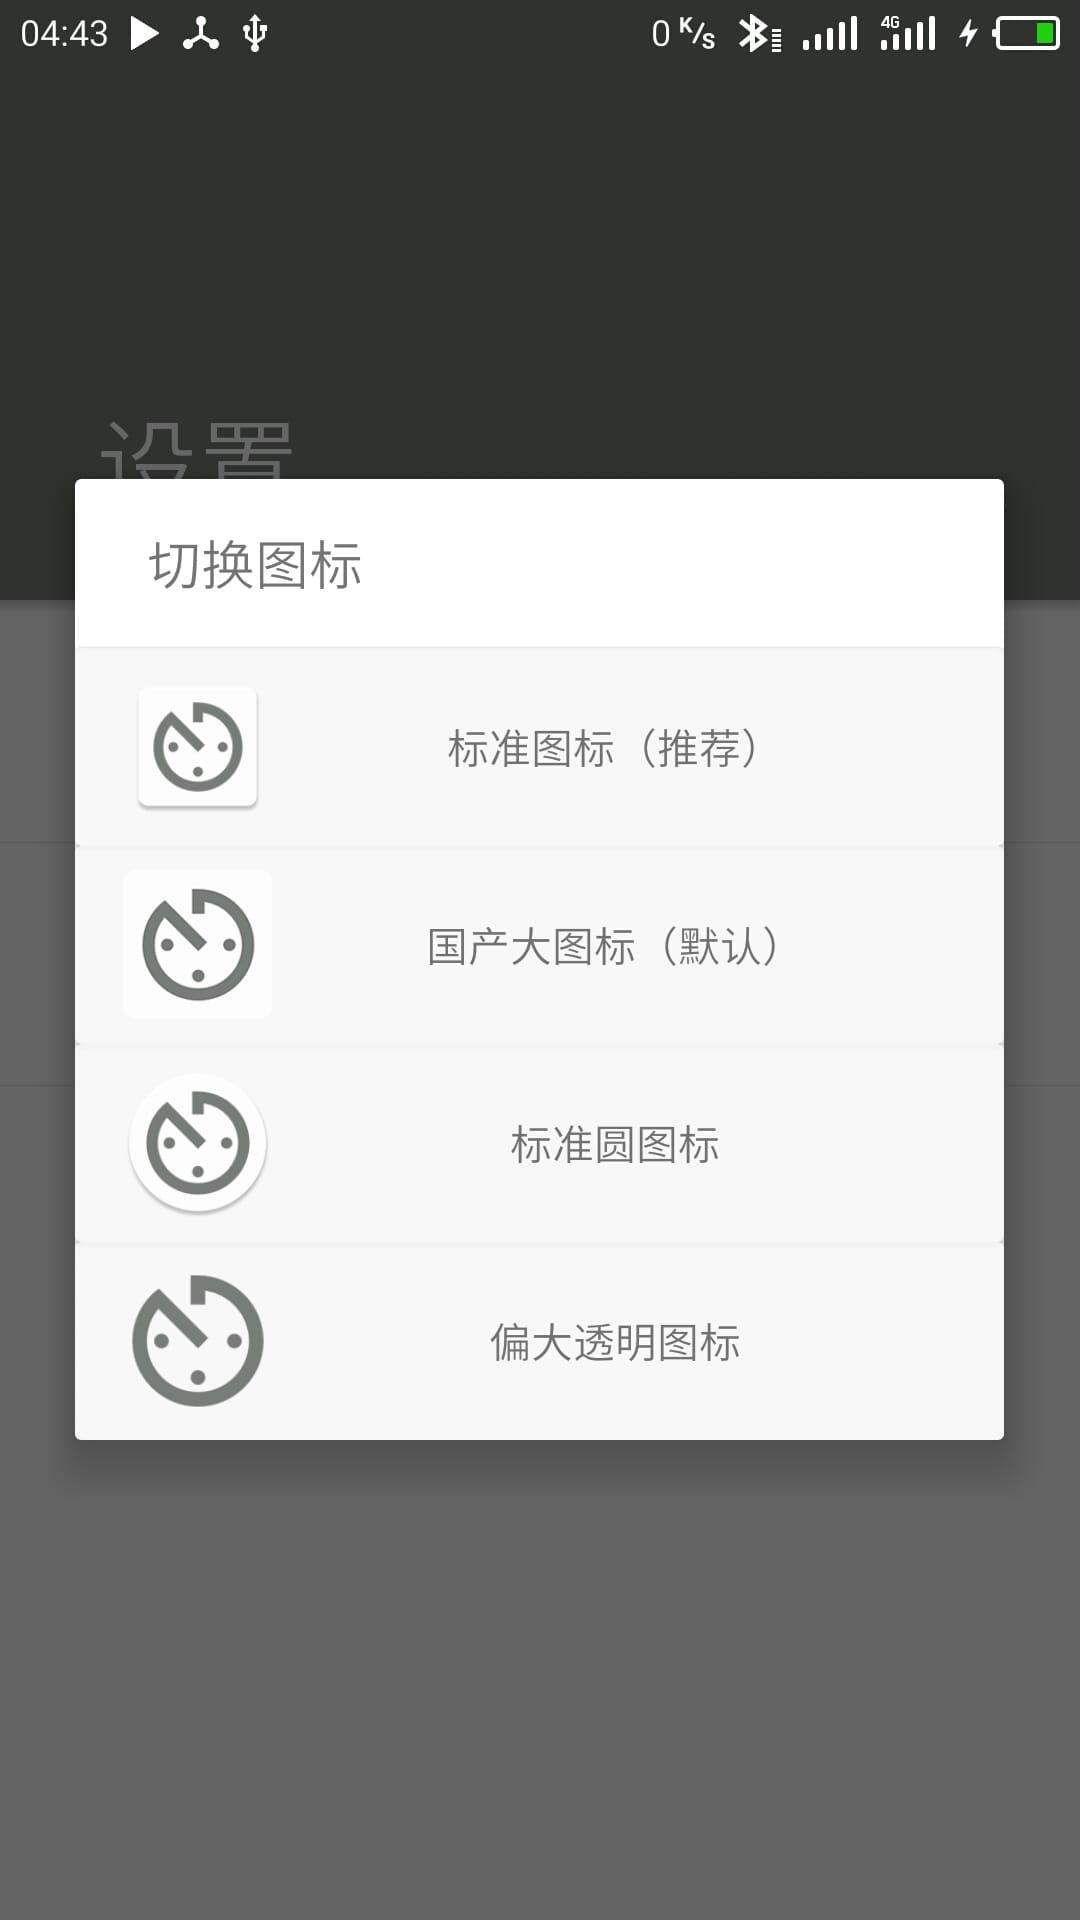 时间映射 v2.1.1截图